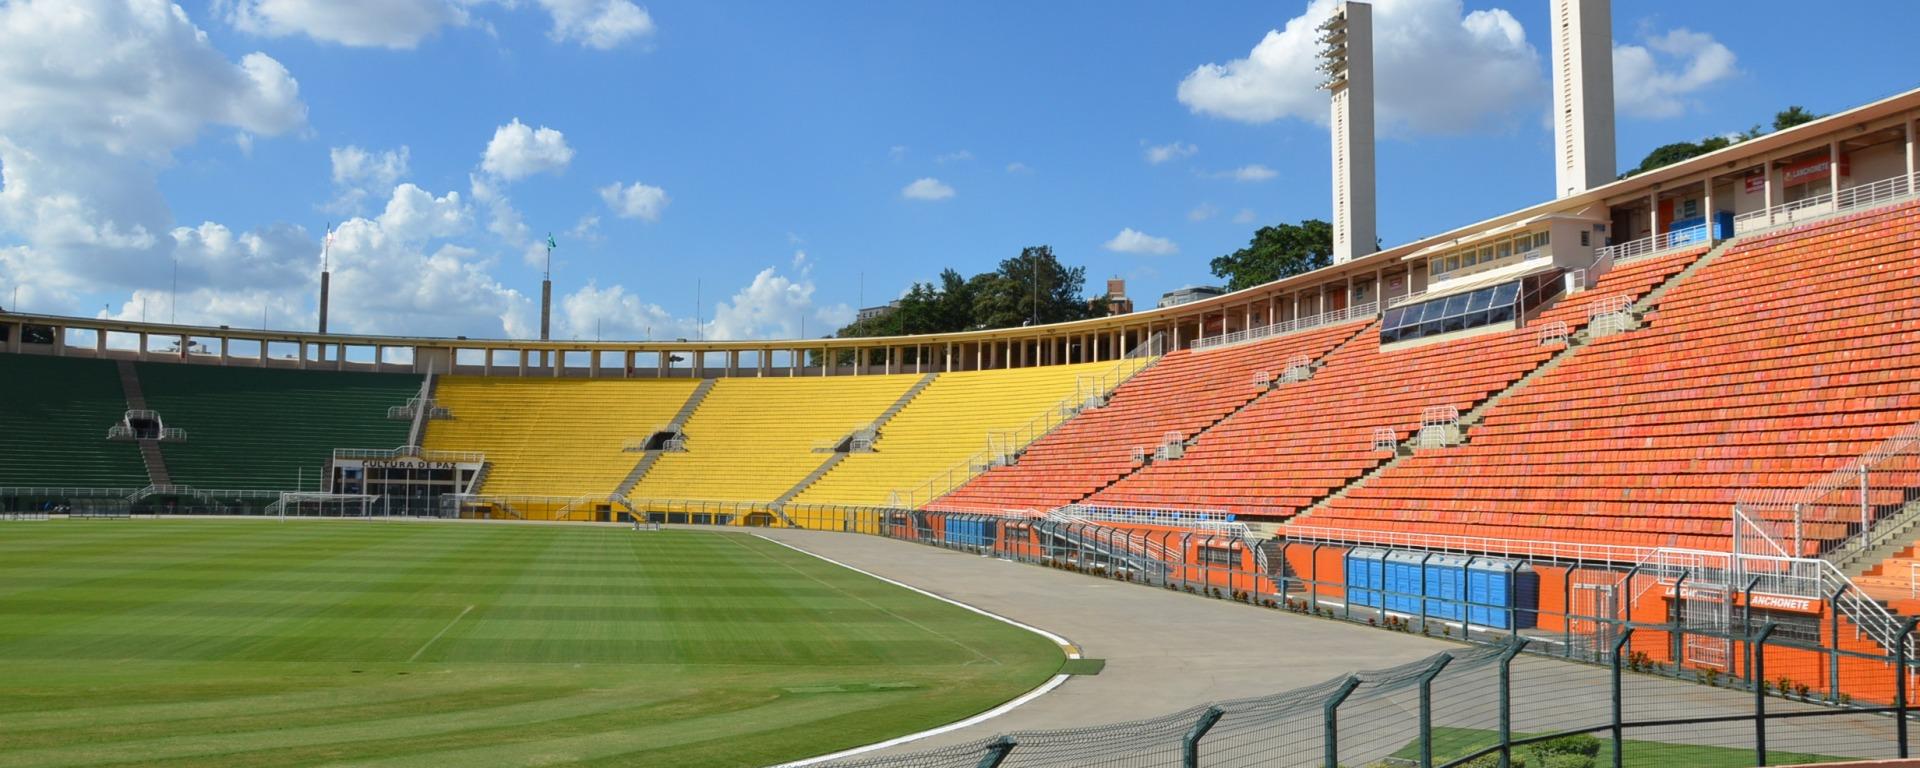 Arquibancada Pacaembu. Foto: Reprodução/ Arquivo Secretaria de Esportes, Lazer e Recreação de São Paulo